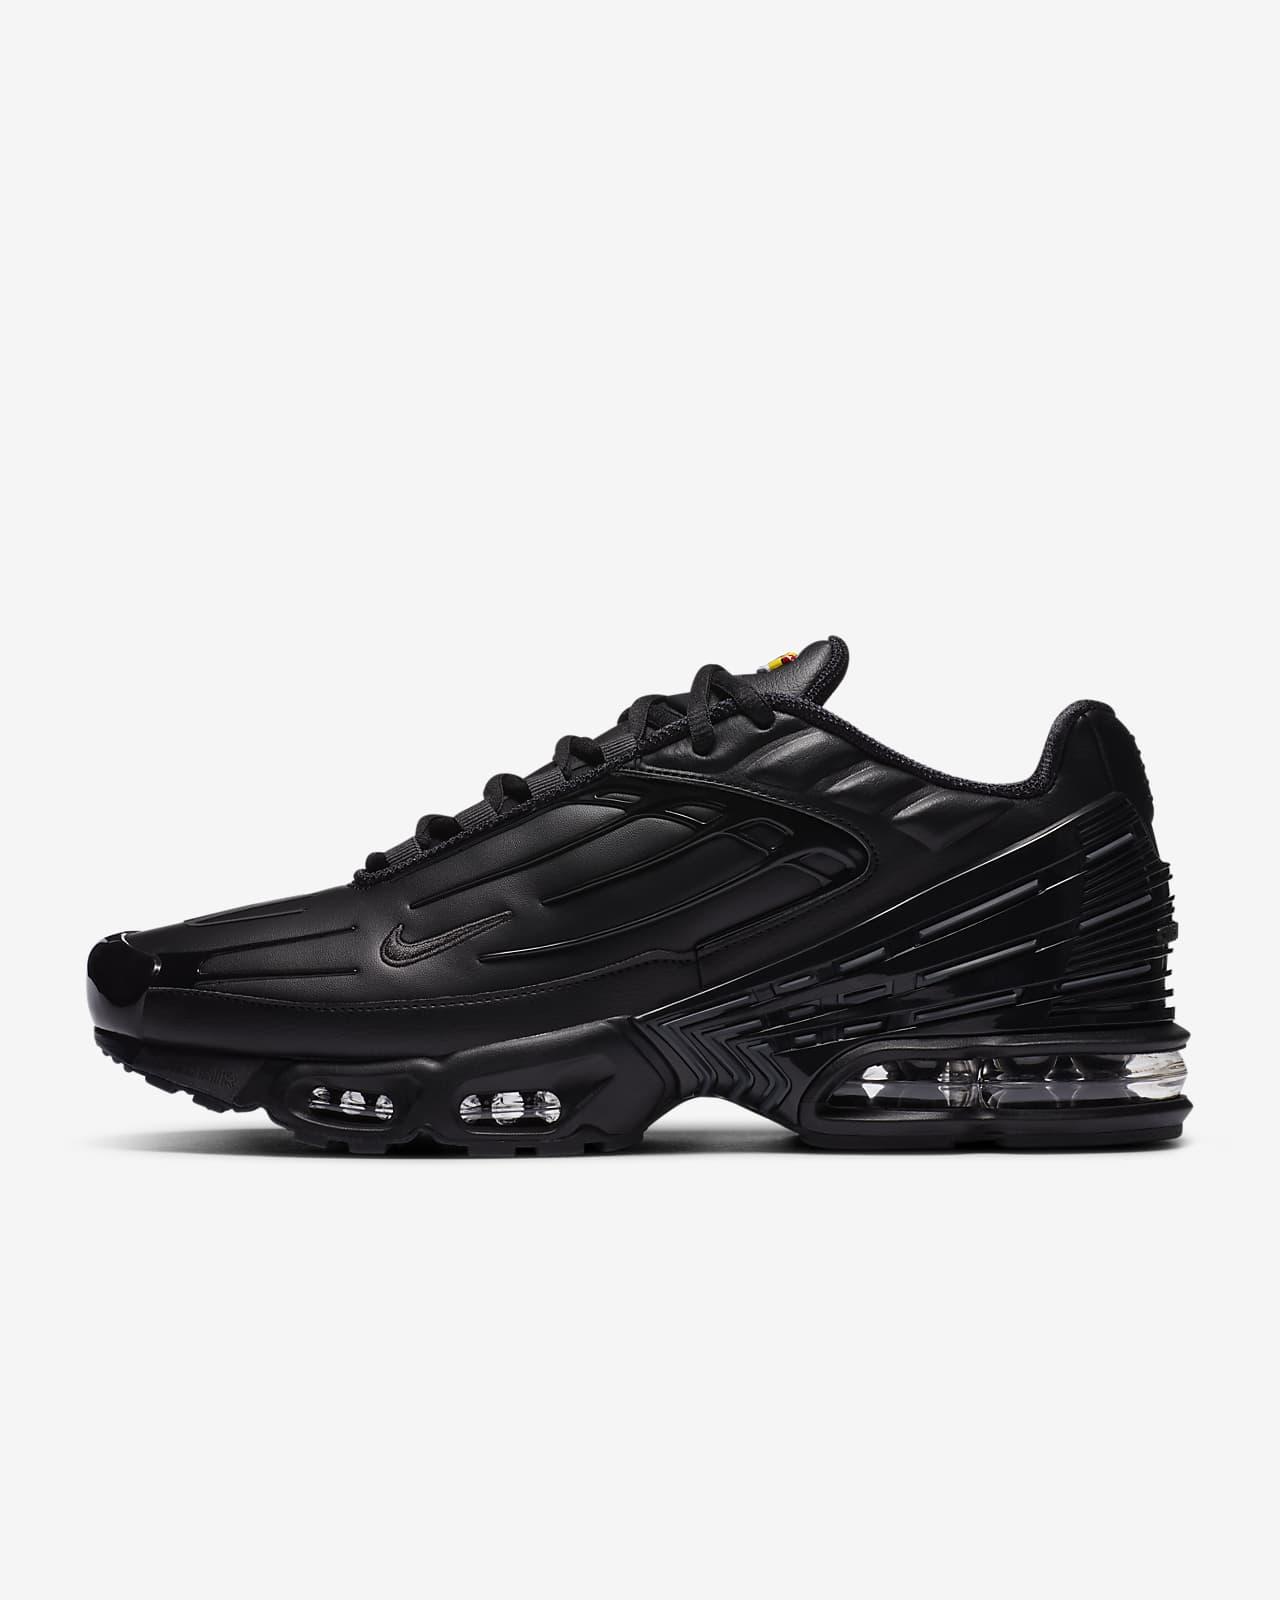 Pánská bota Nike Air Max Plus 3 Leather